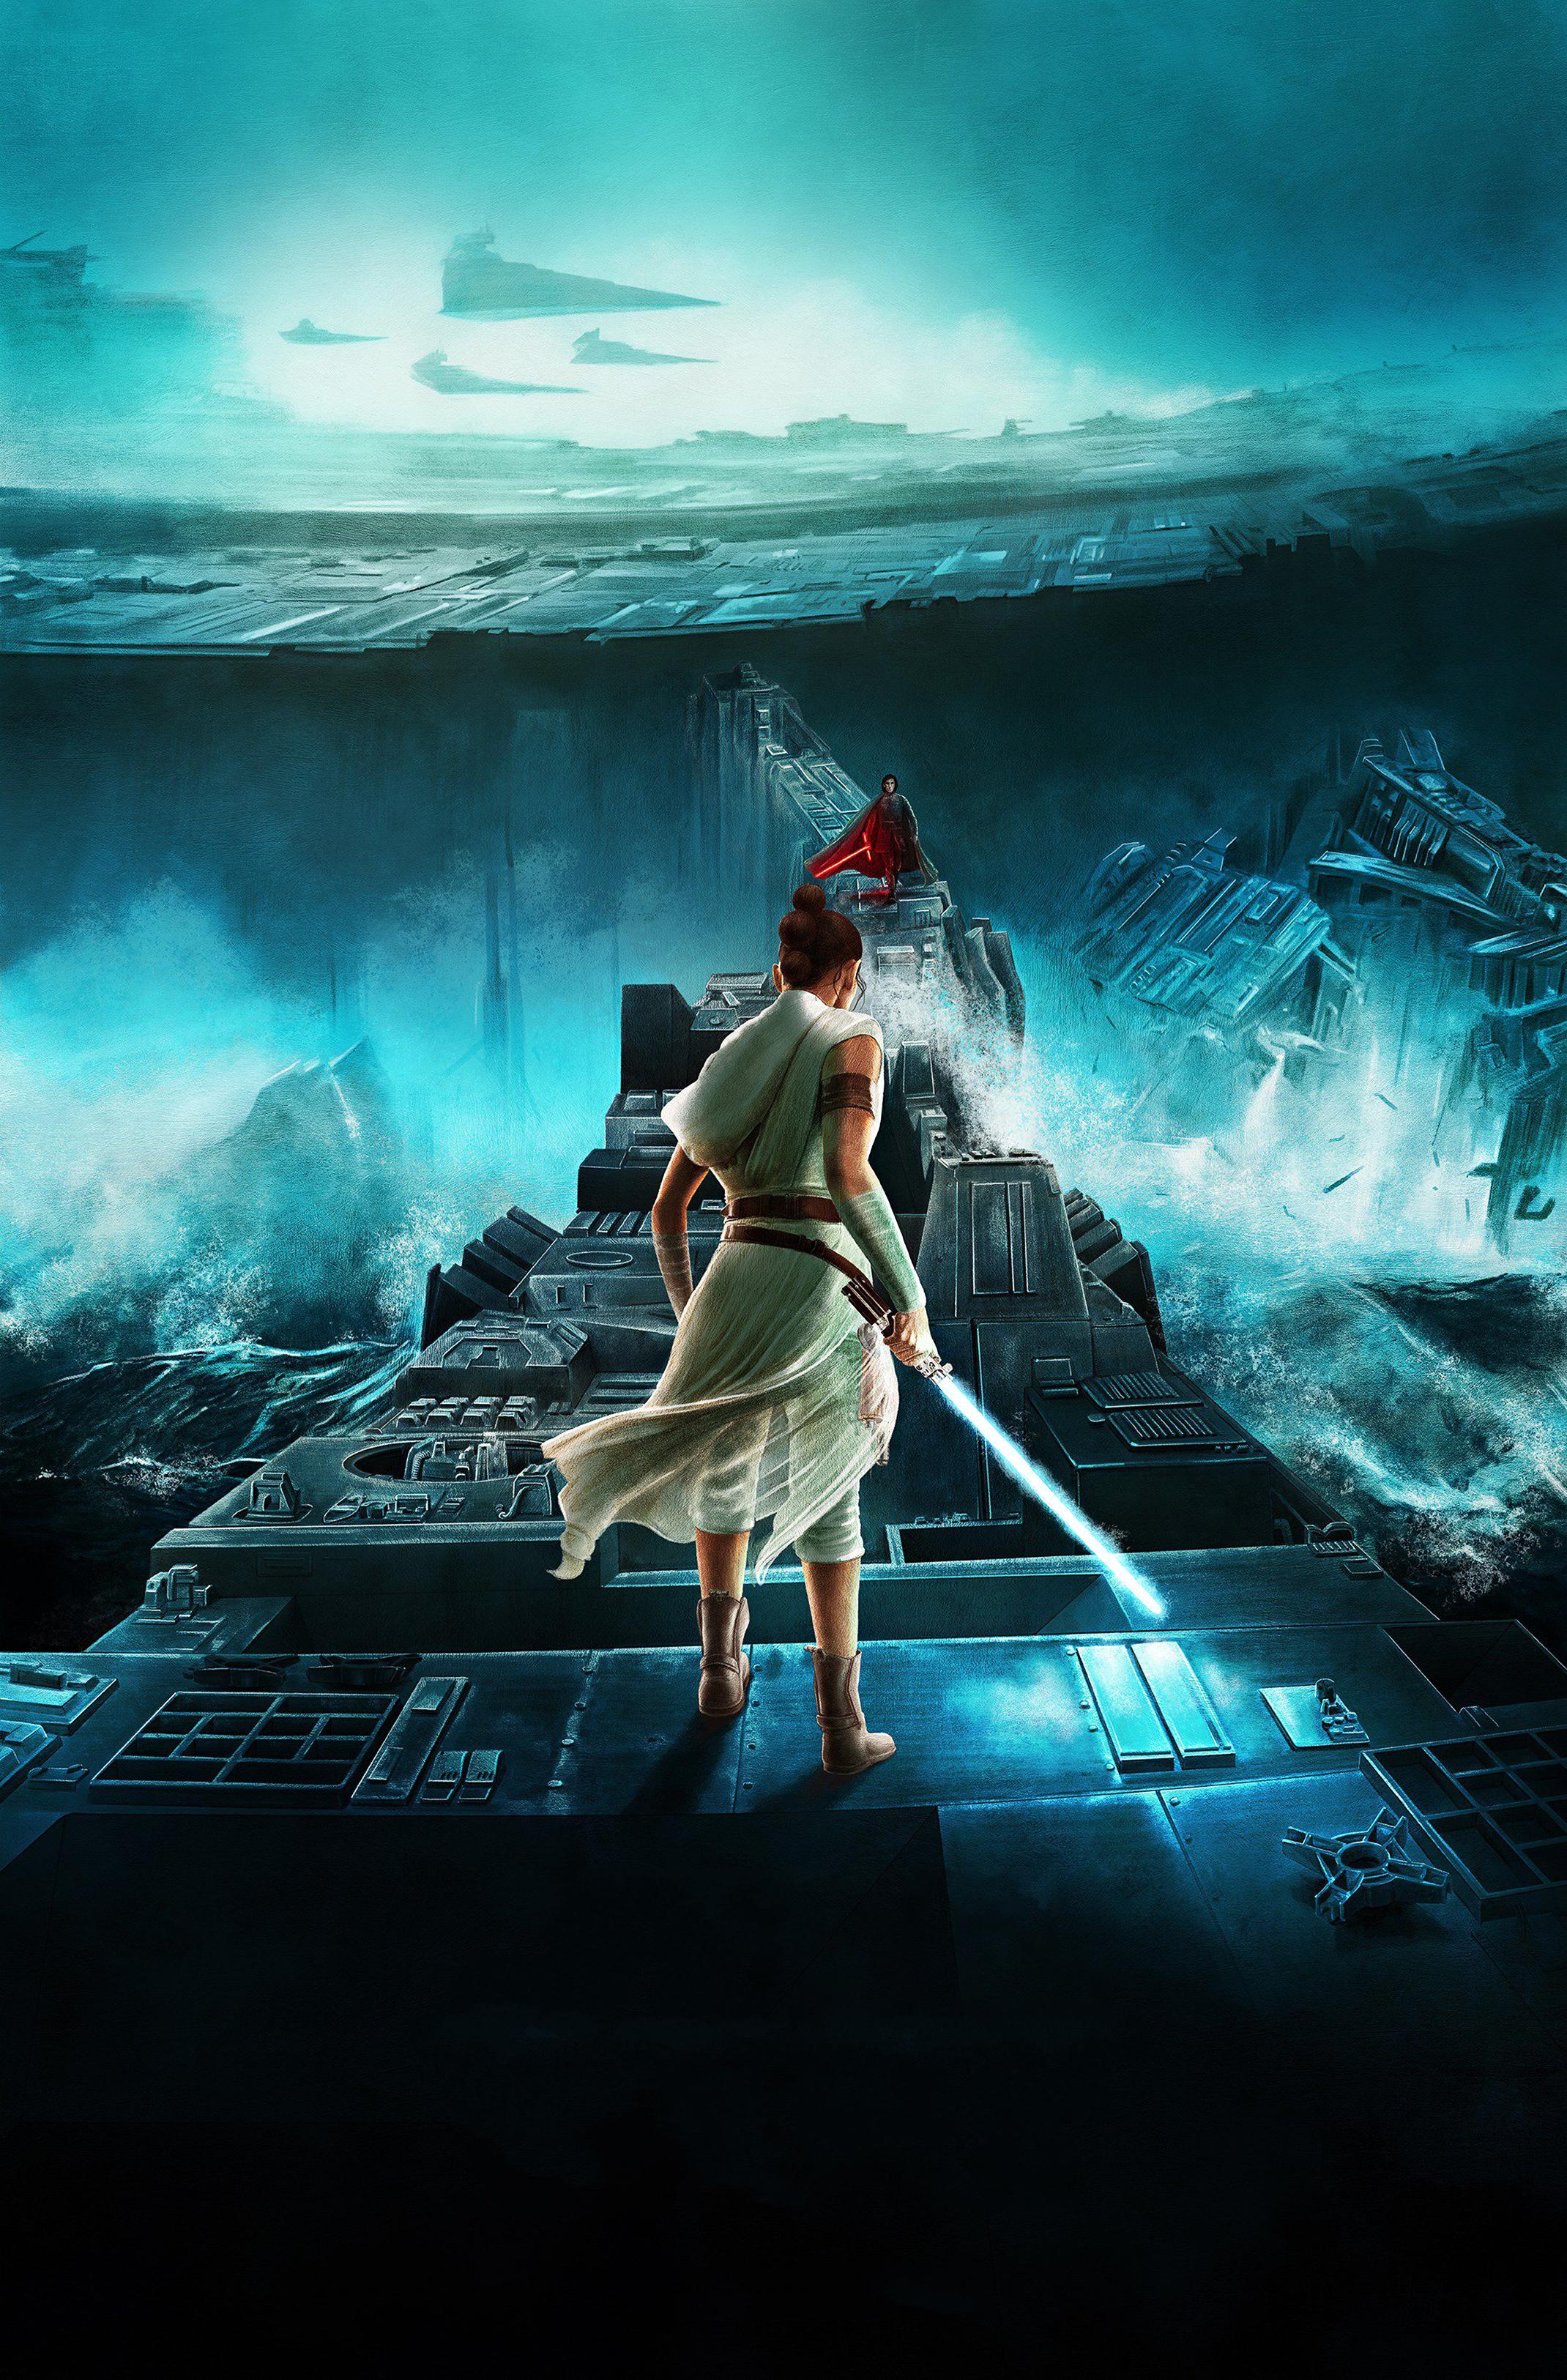 Rise Of Skywalker Star War Poster Wallpaper, HD Movies 4K ...